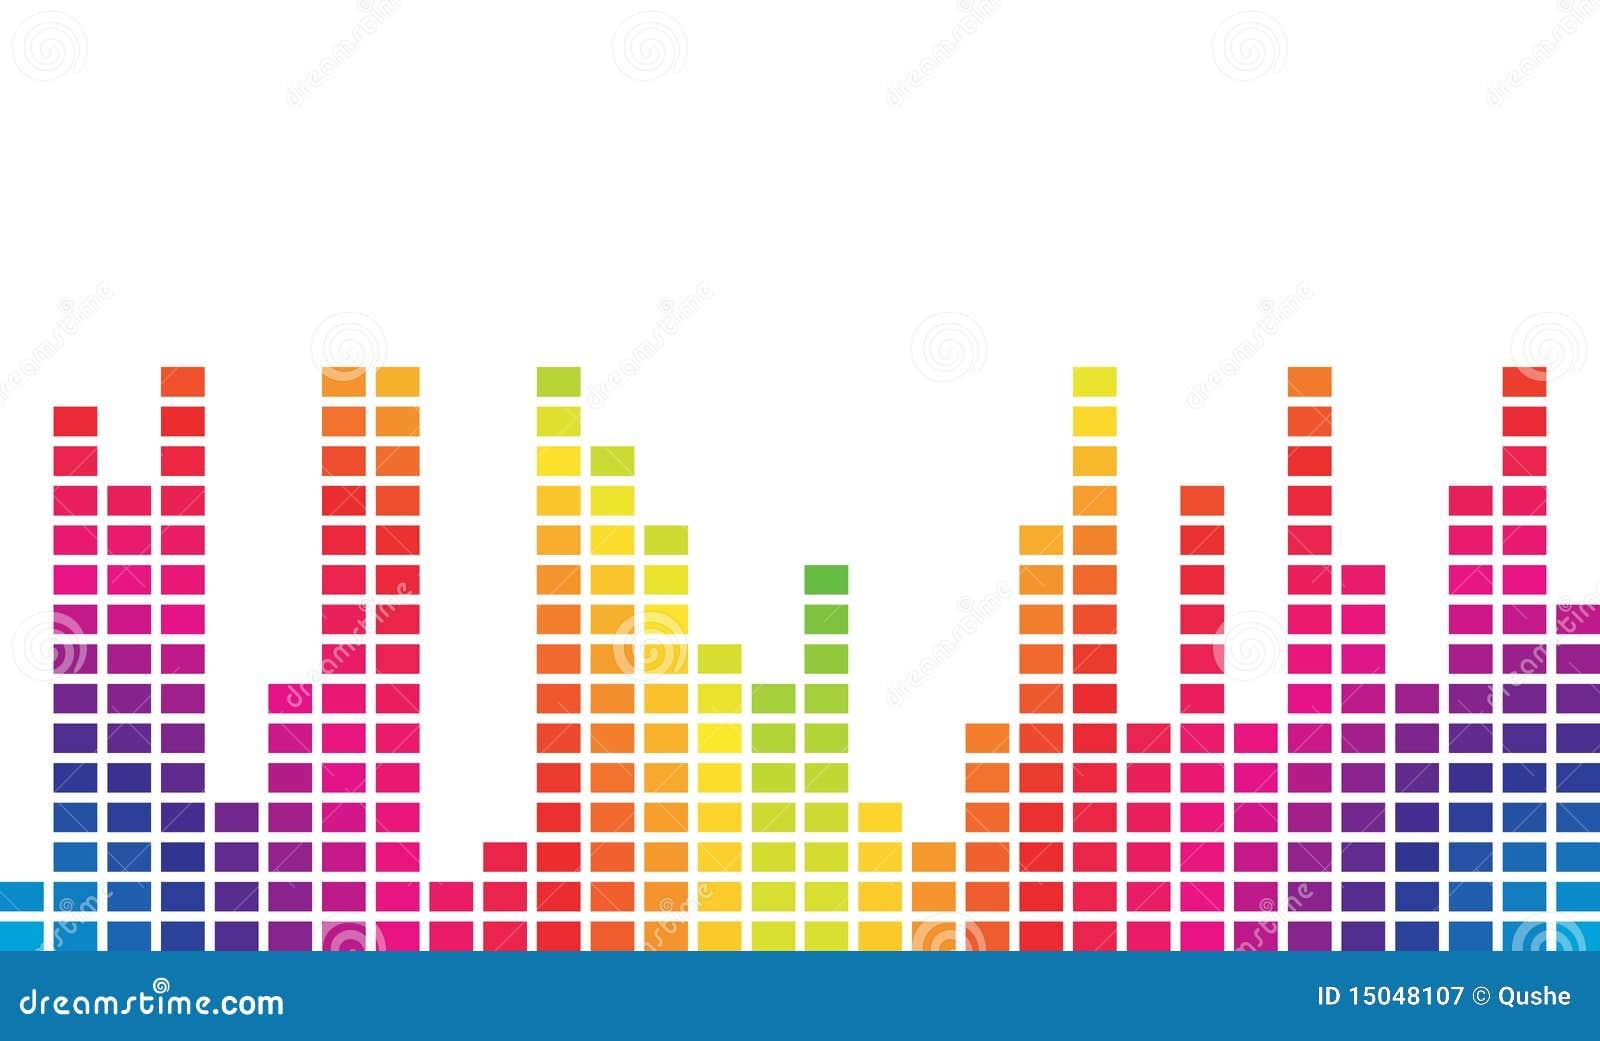 Kolorowa muzyczna pojemność